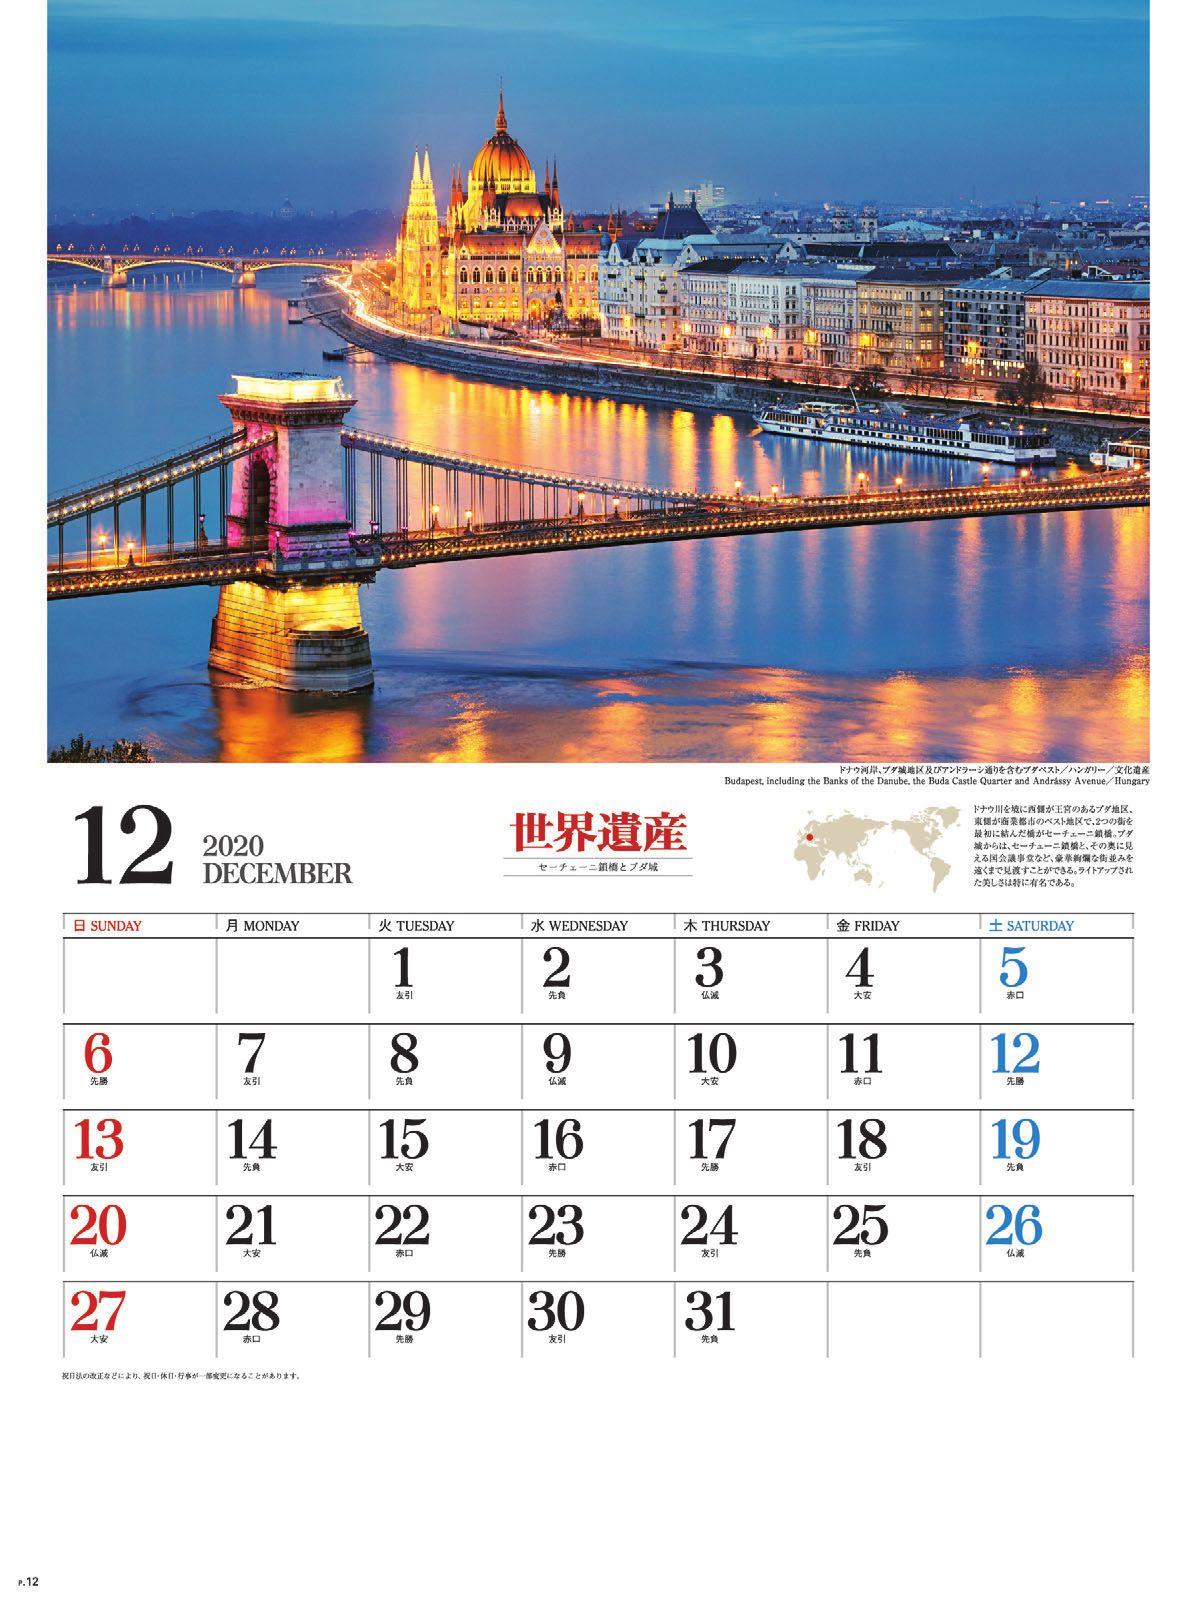 画像:セーチェーニ鎖橋とブダ城(ハンガリー) ユネスコ世界遺産 2020年カレンダー